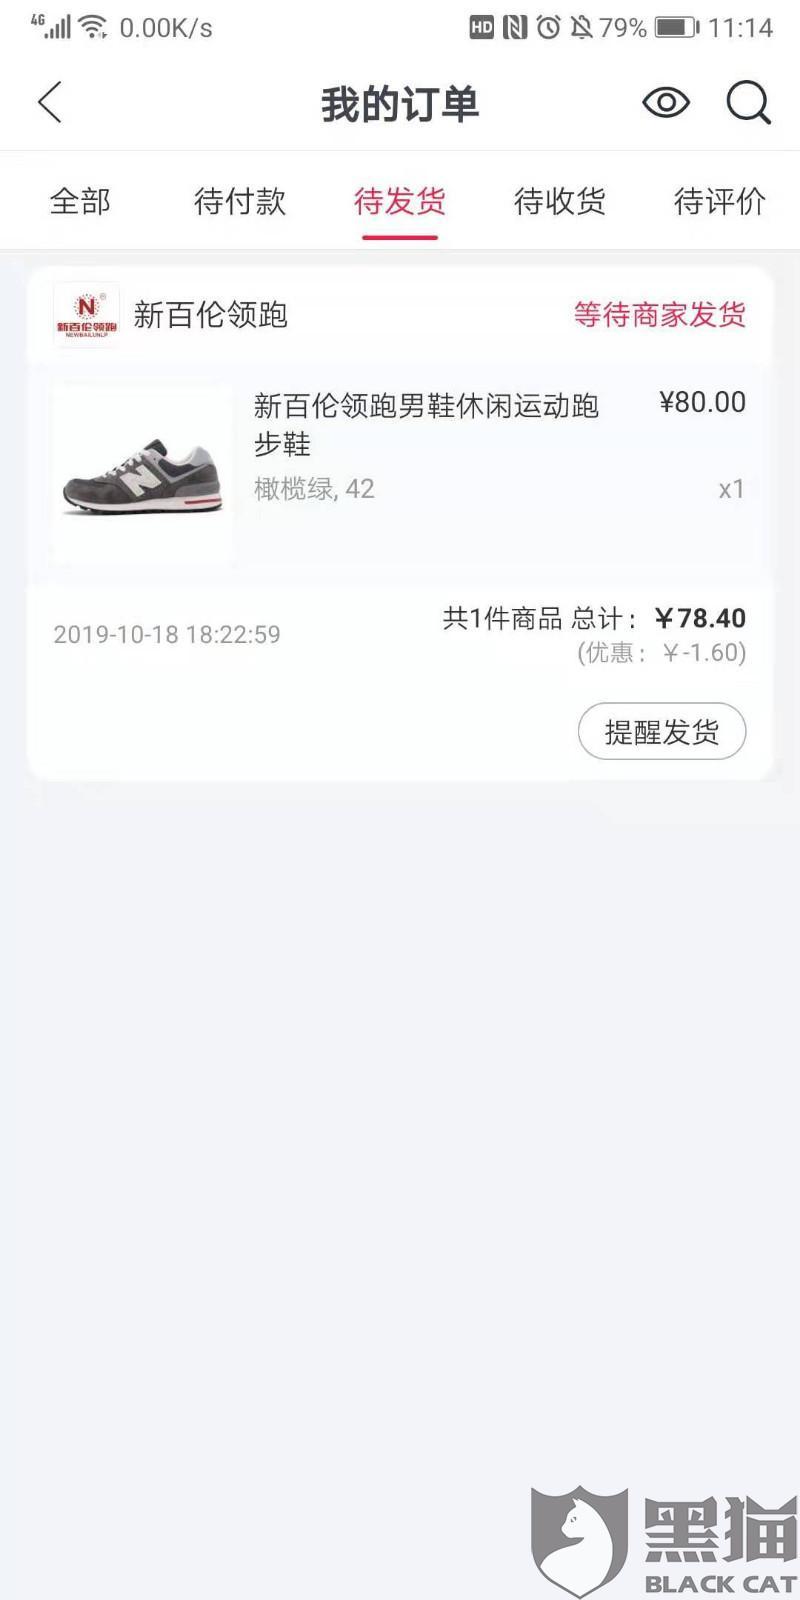 黑猫投诉:2019年10月18在贝仓平台下单新百伦领跑鞋子一直没发货,今天是10.22